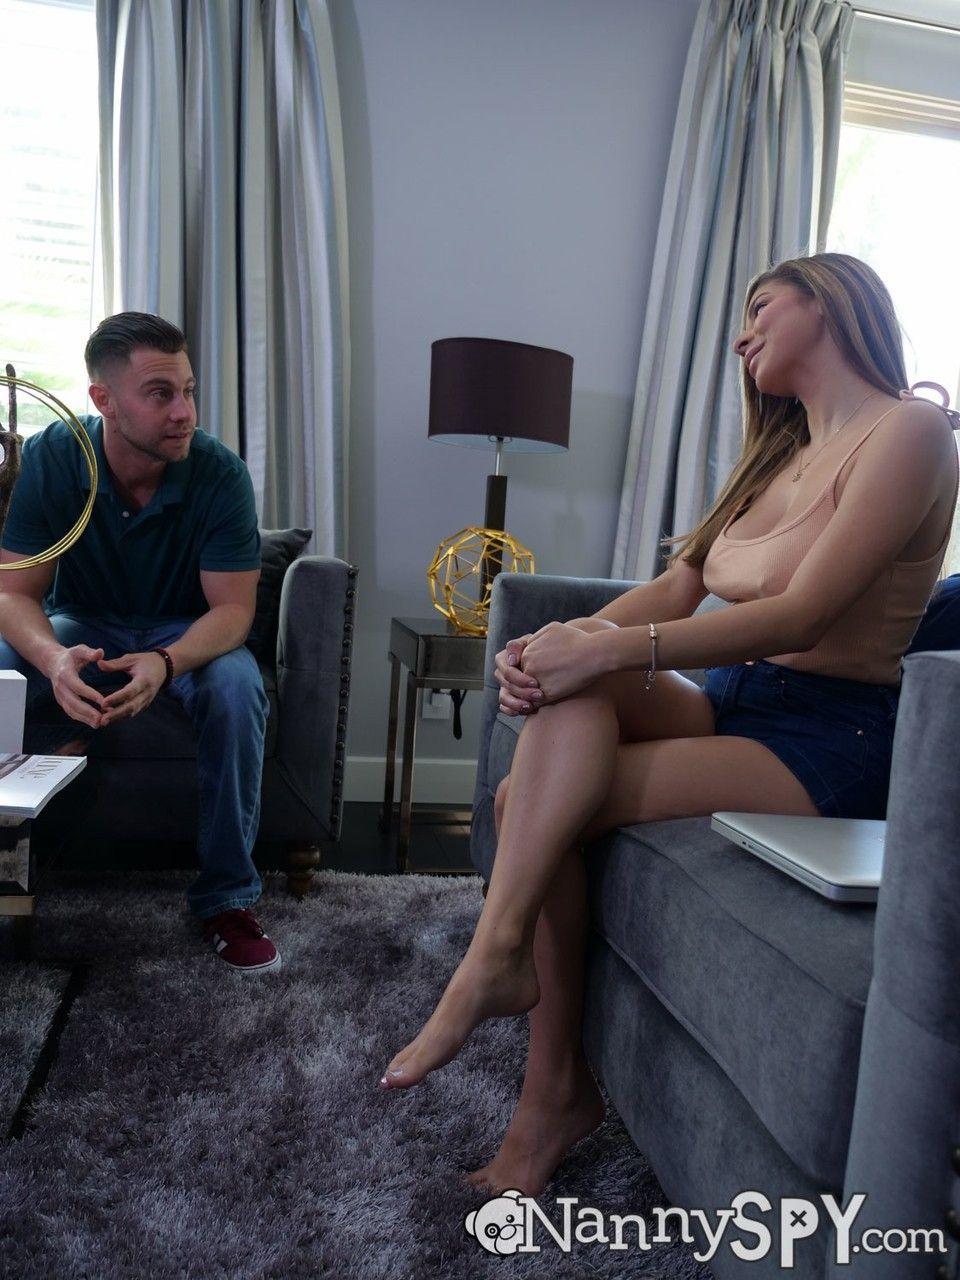 sexo fotos hd loira peituda dando a buceta e sendo gozada 2 - Sexo fotos HD loira peituda dando a buceta e sendo gozada